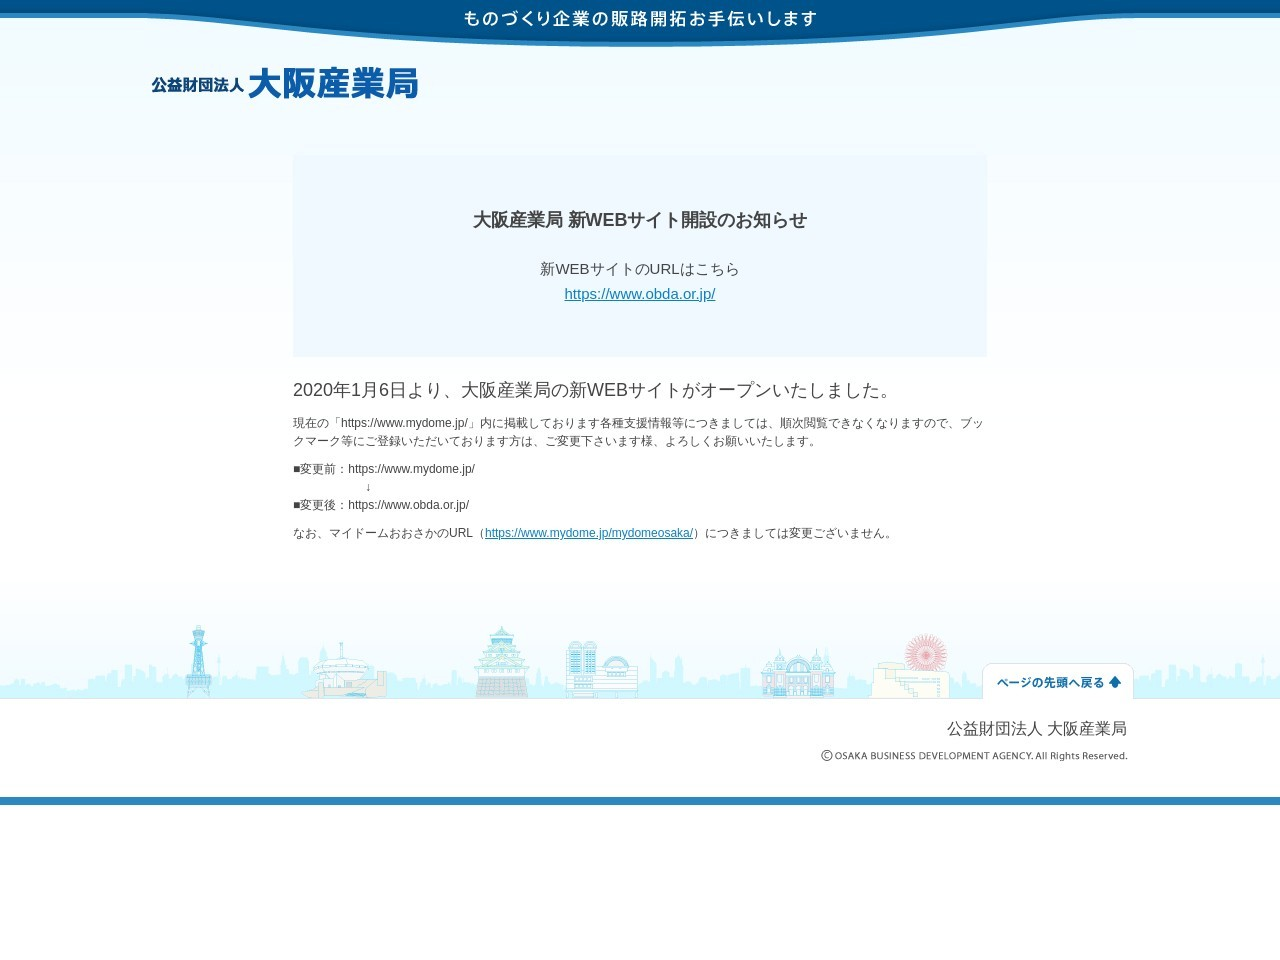 大阪のものづくり企業の販路開拓をお手伝い|公益財団法人 大阪産業振興機構